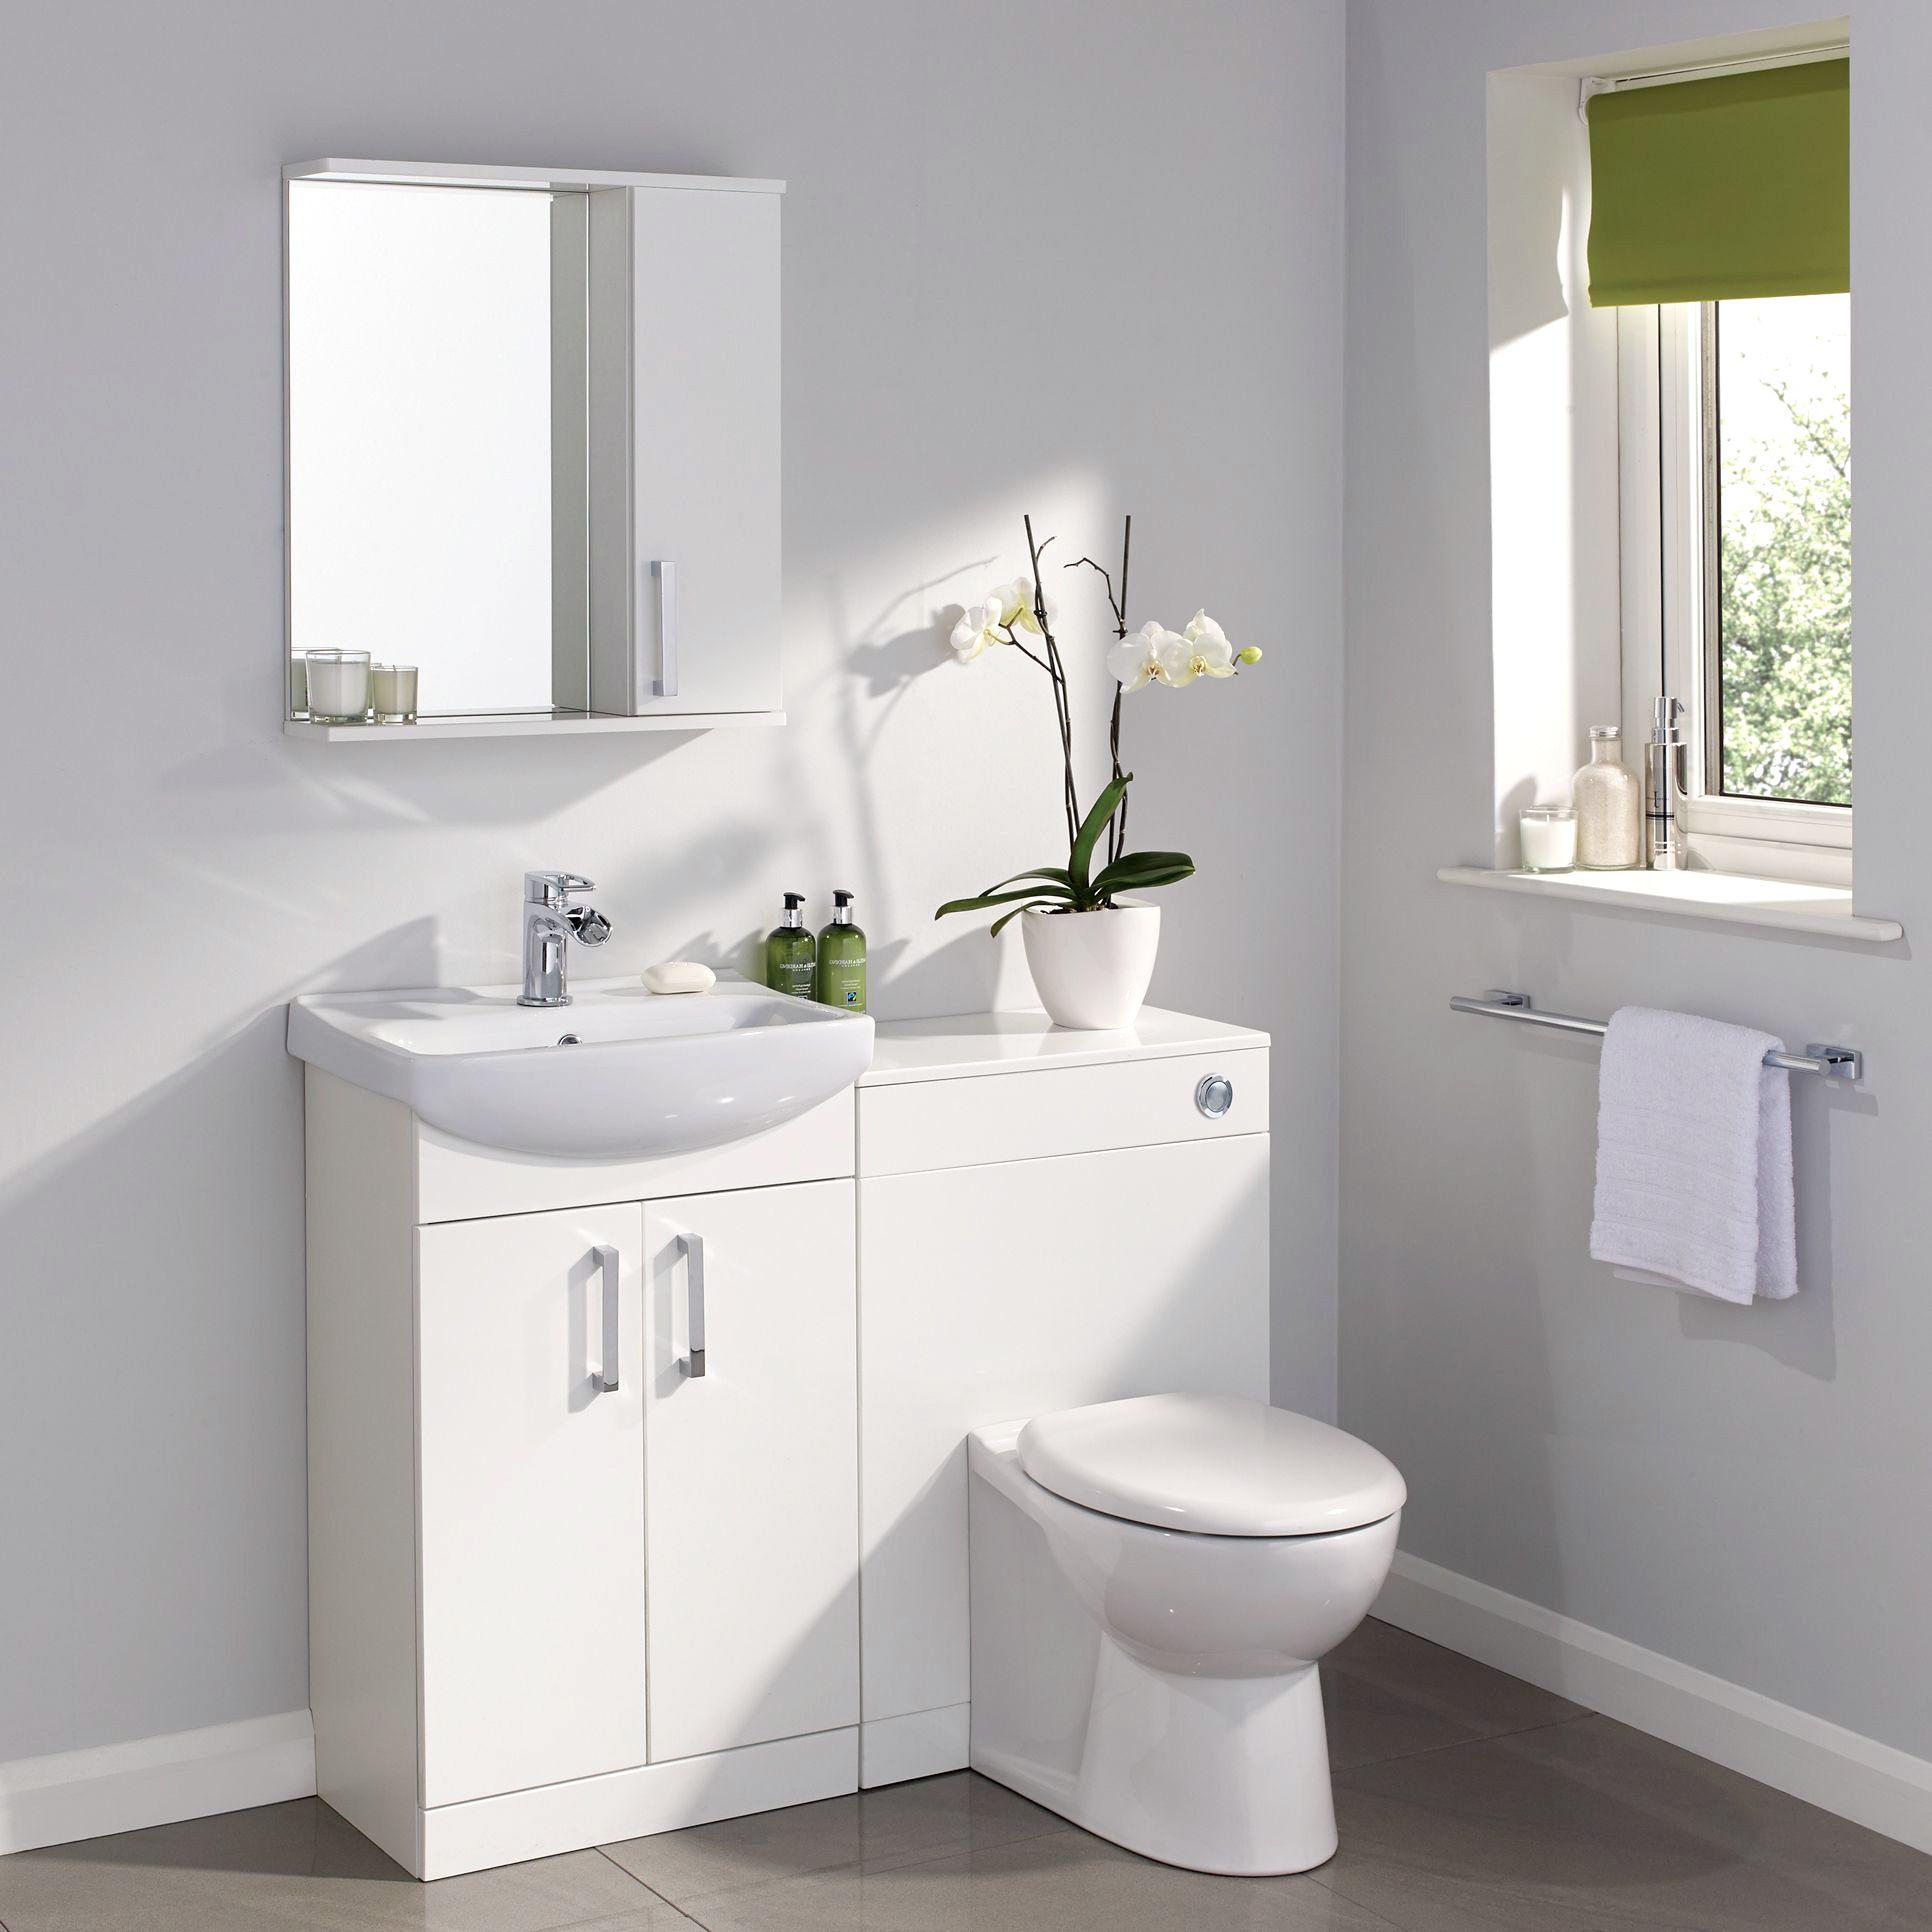 bathroom units ardenno freestanding bathroom furniture ECIAZGW